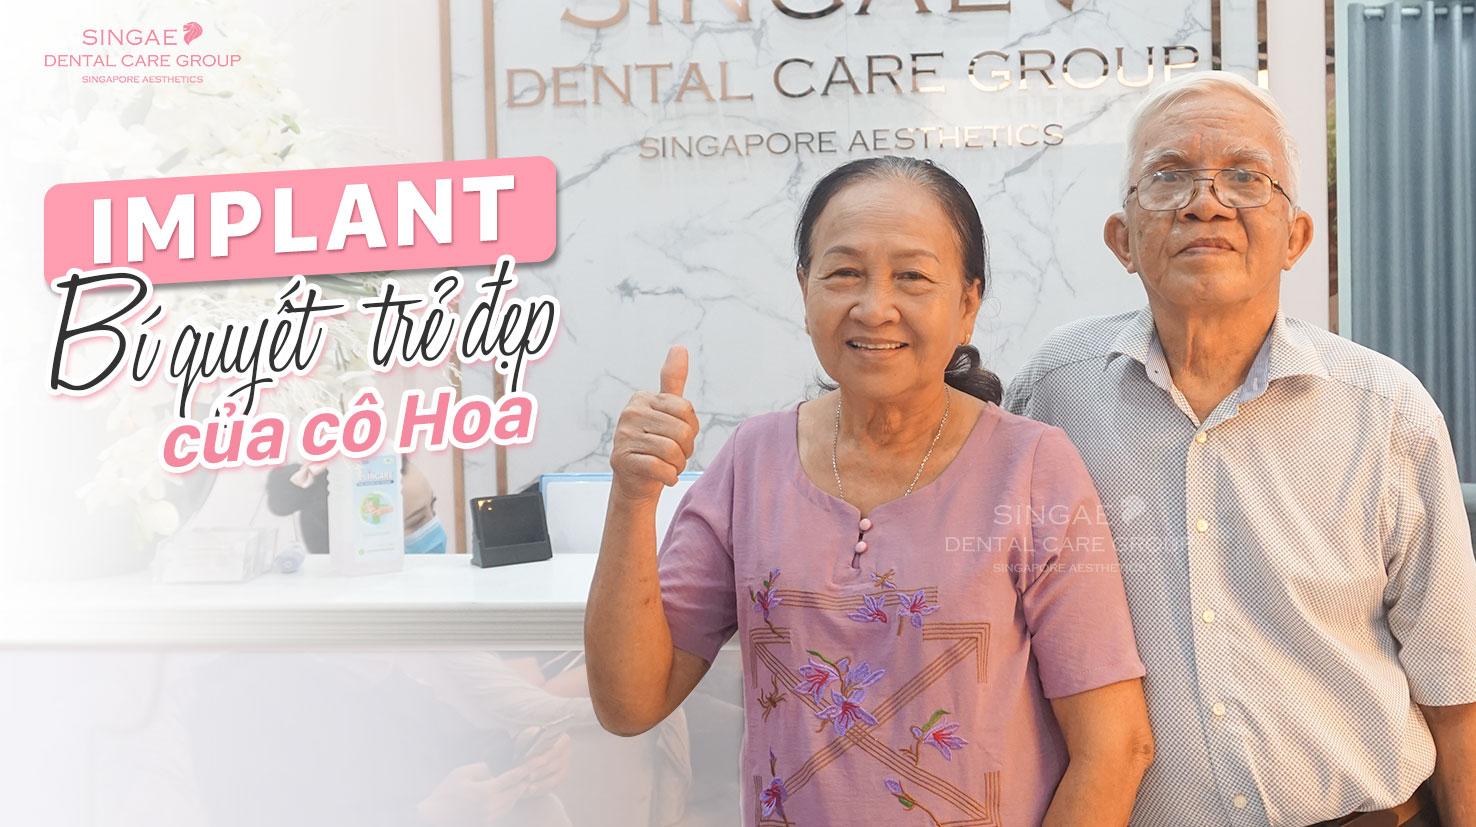 Từng mặc cảm vì … MÓM, nay U70 vừa ăn uống dễ dàng, trẻ ra hơn cả chục tuổi nhờ trồng răng Implant SSI